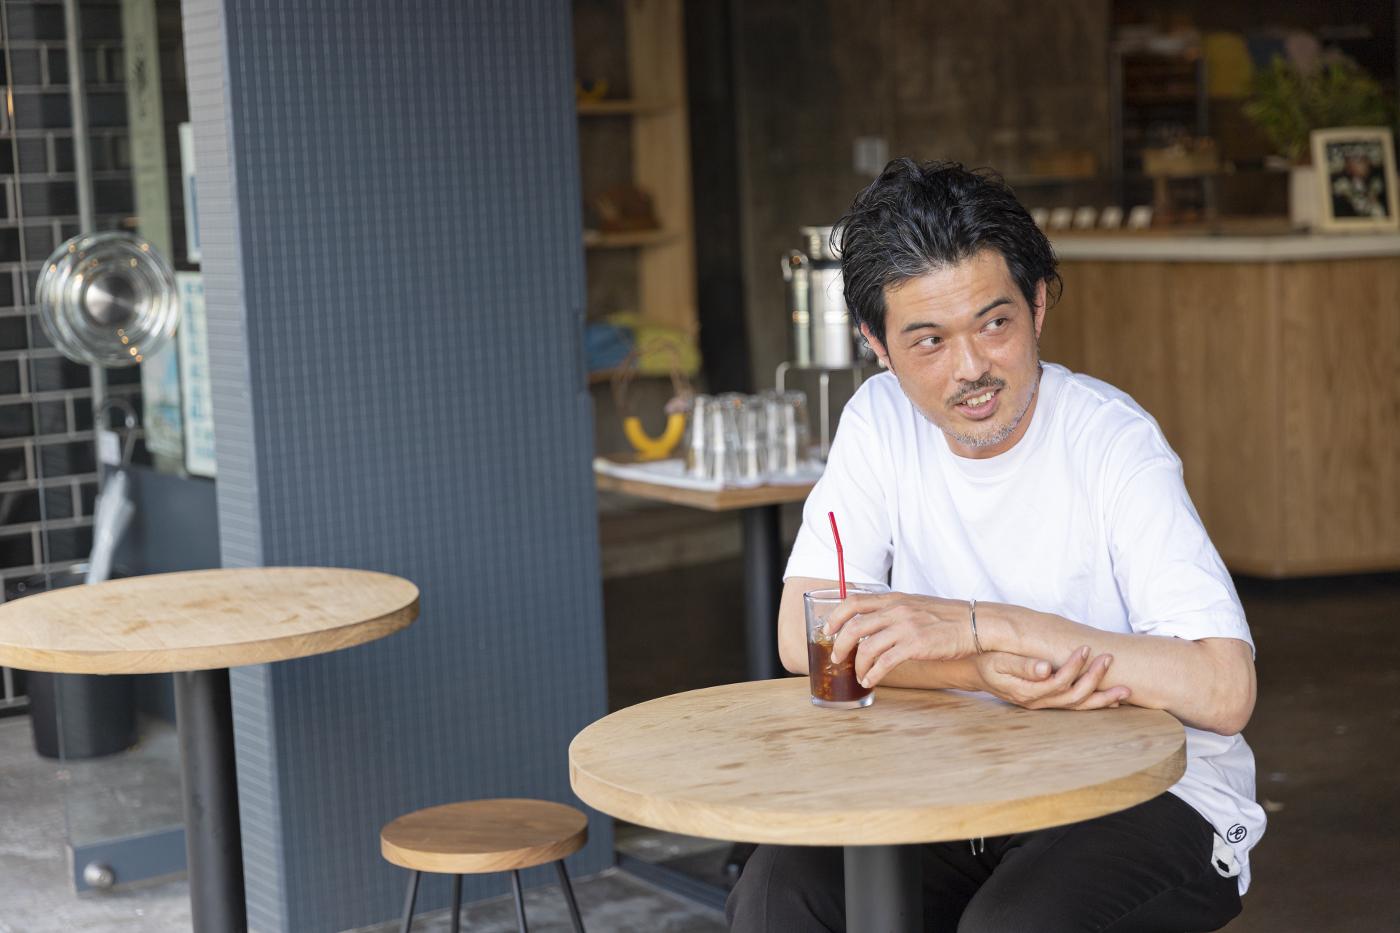 仙台のカフェ「HEY」の和泉さんの様子